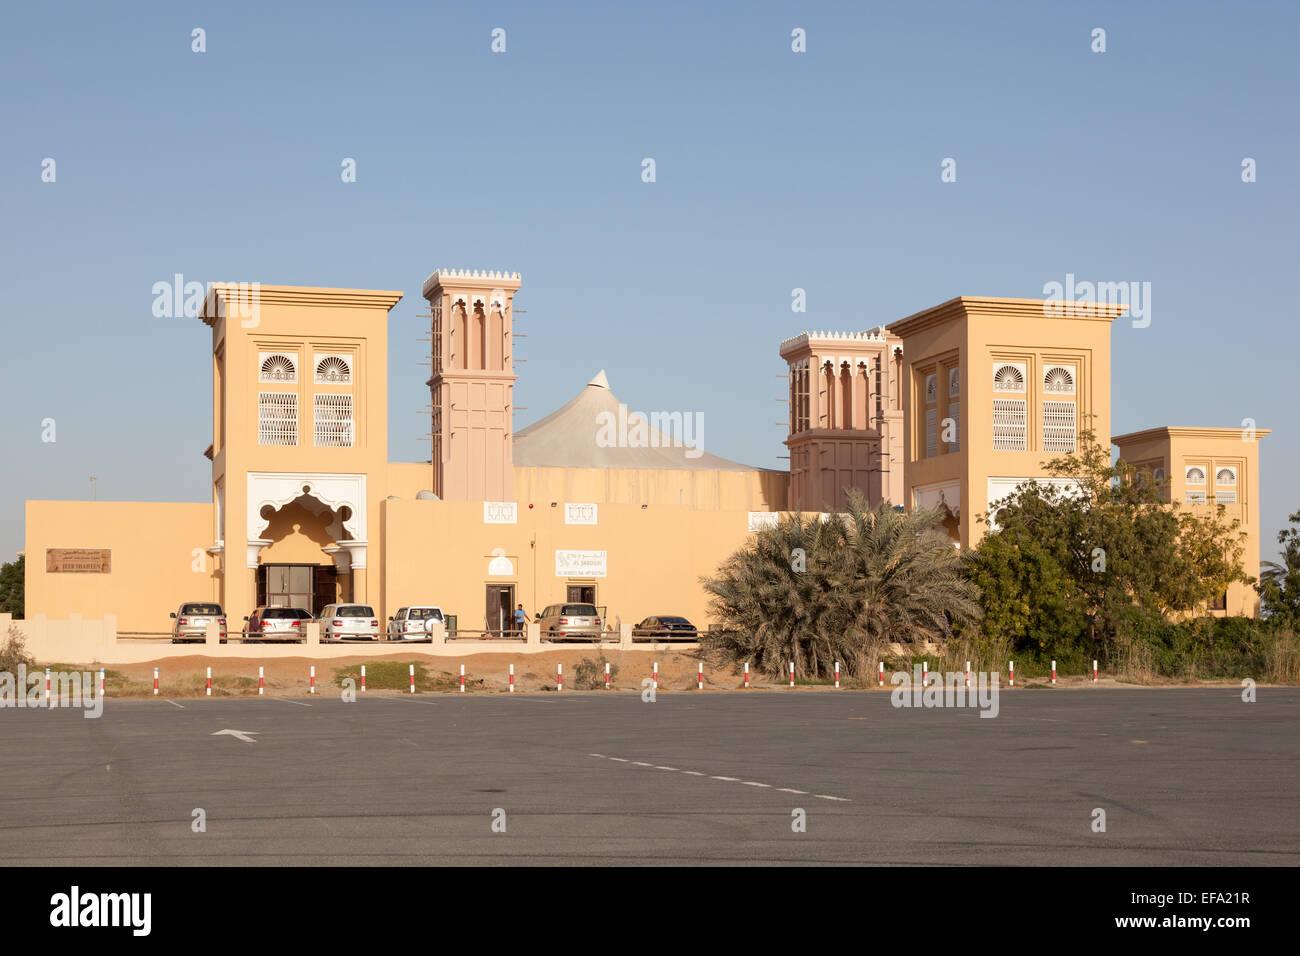 Dubai Falconry Center, Nad Al Sheeba. Dubai, United Arab Emirates Stock Photo